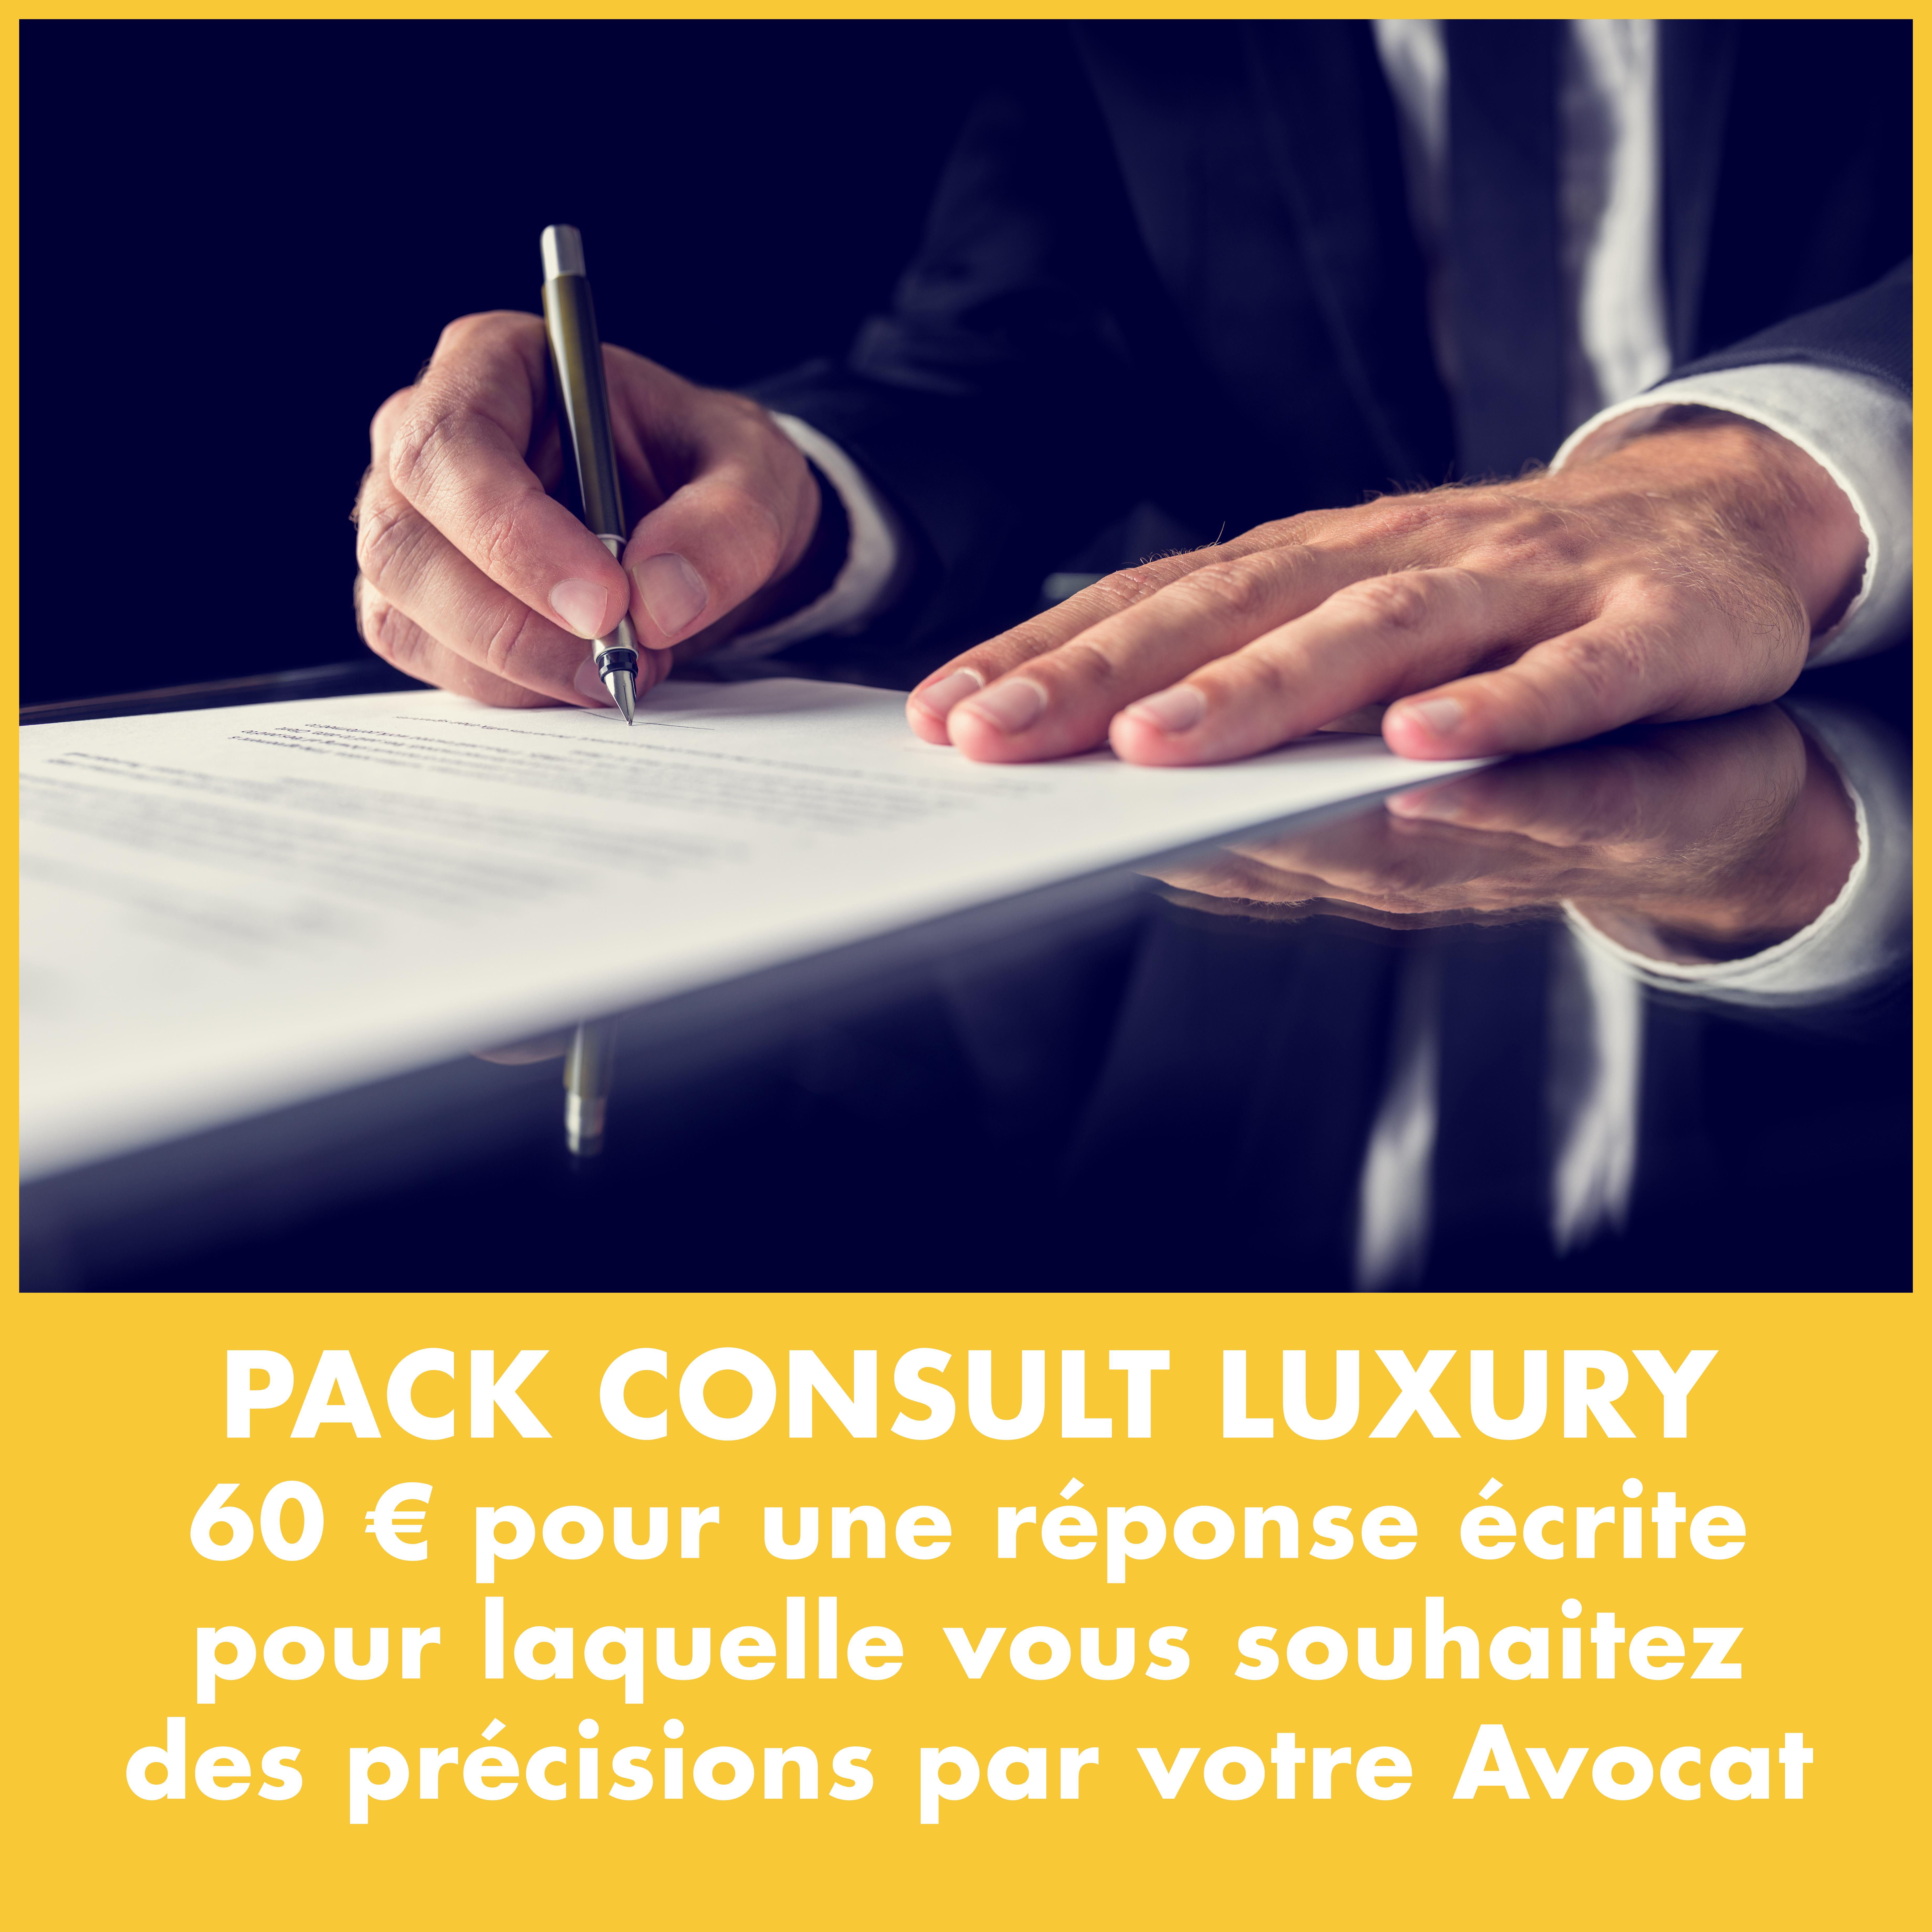 PackConsult Luxury 60 € pour une réponse écrite pour laquelle vous souhaitez des précisions par votre Avocat